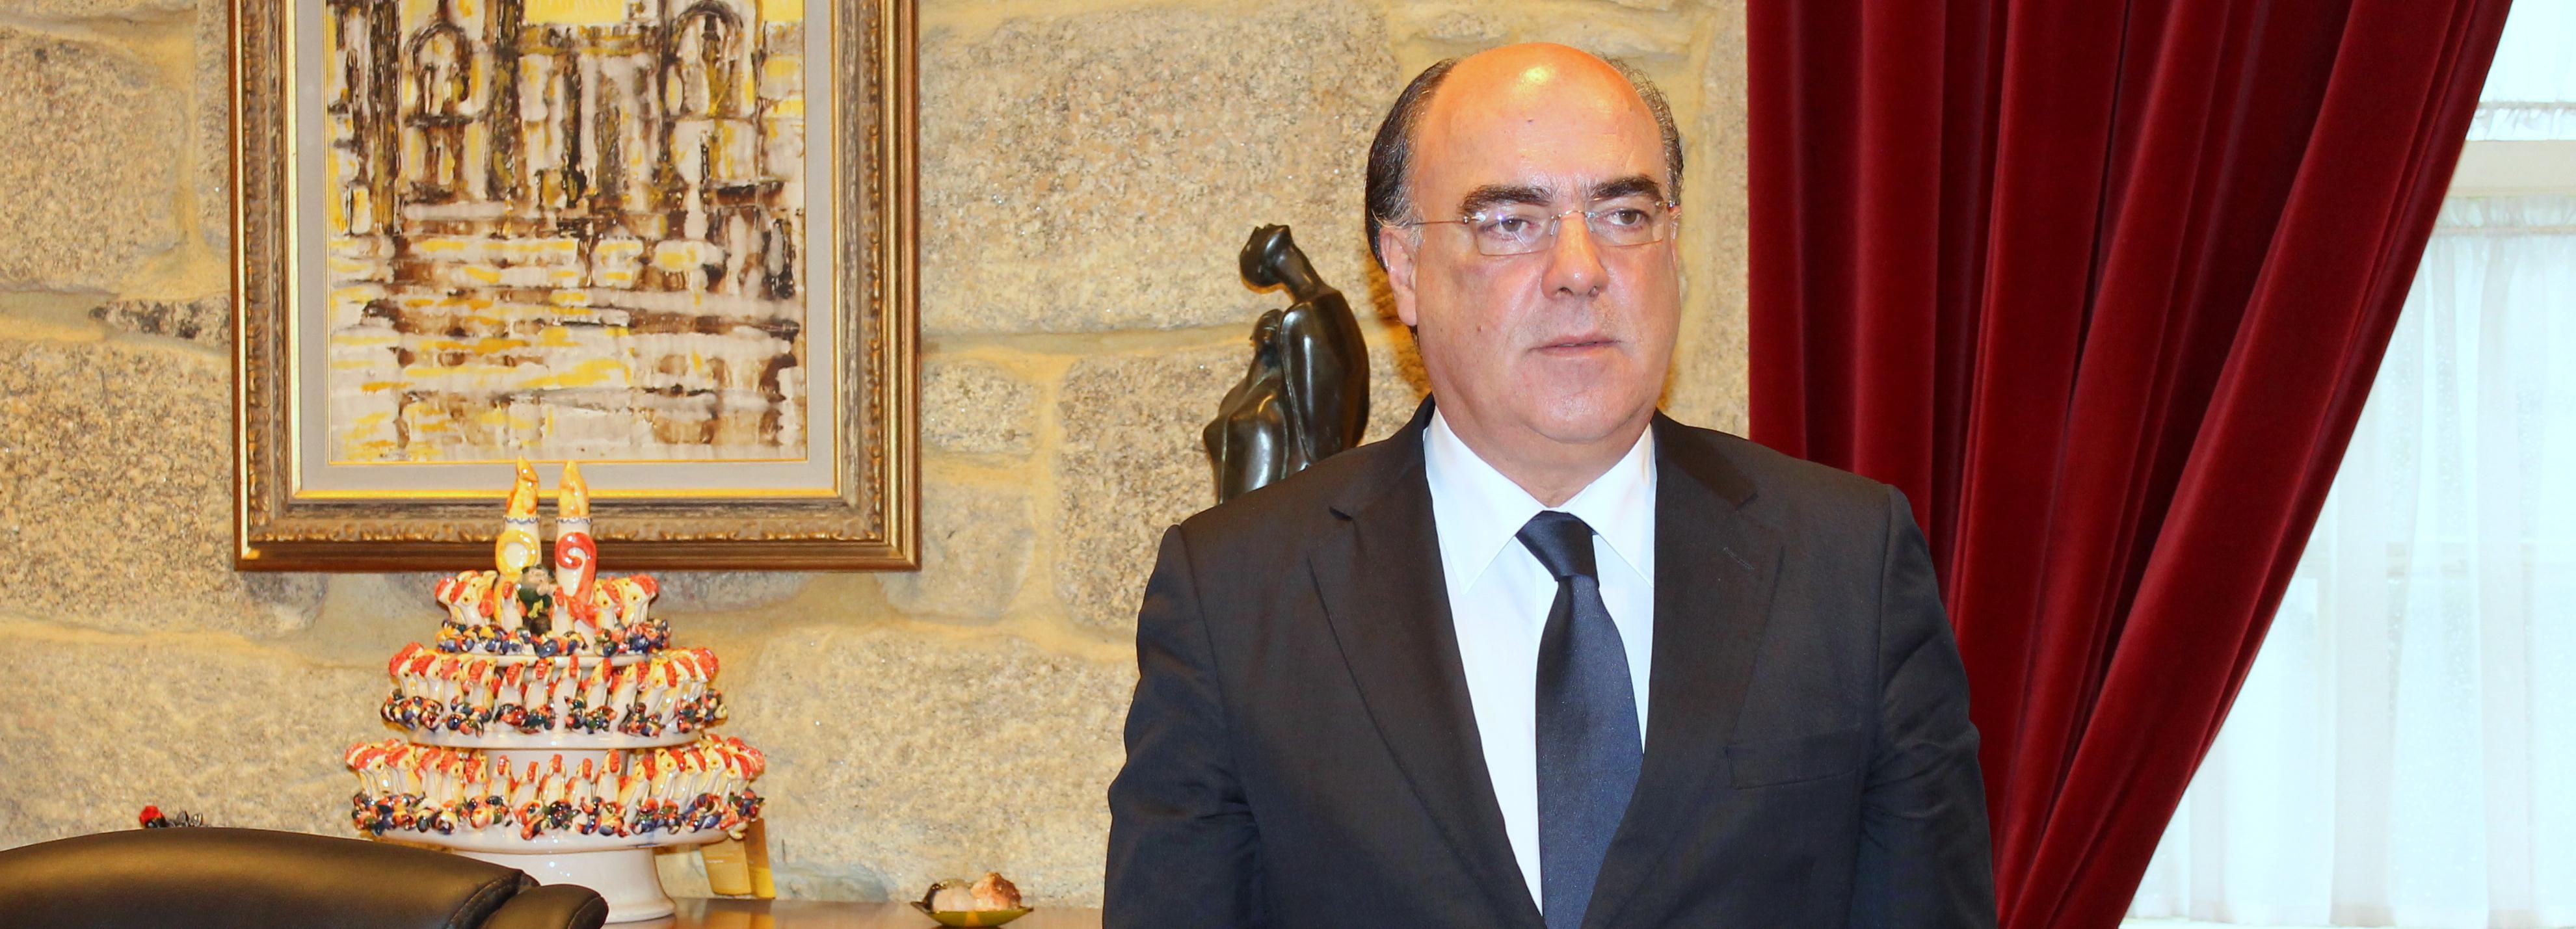 Município transfere cerca de 1,2 milhões de euros para as freguesias